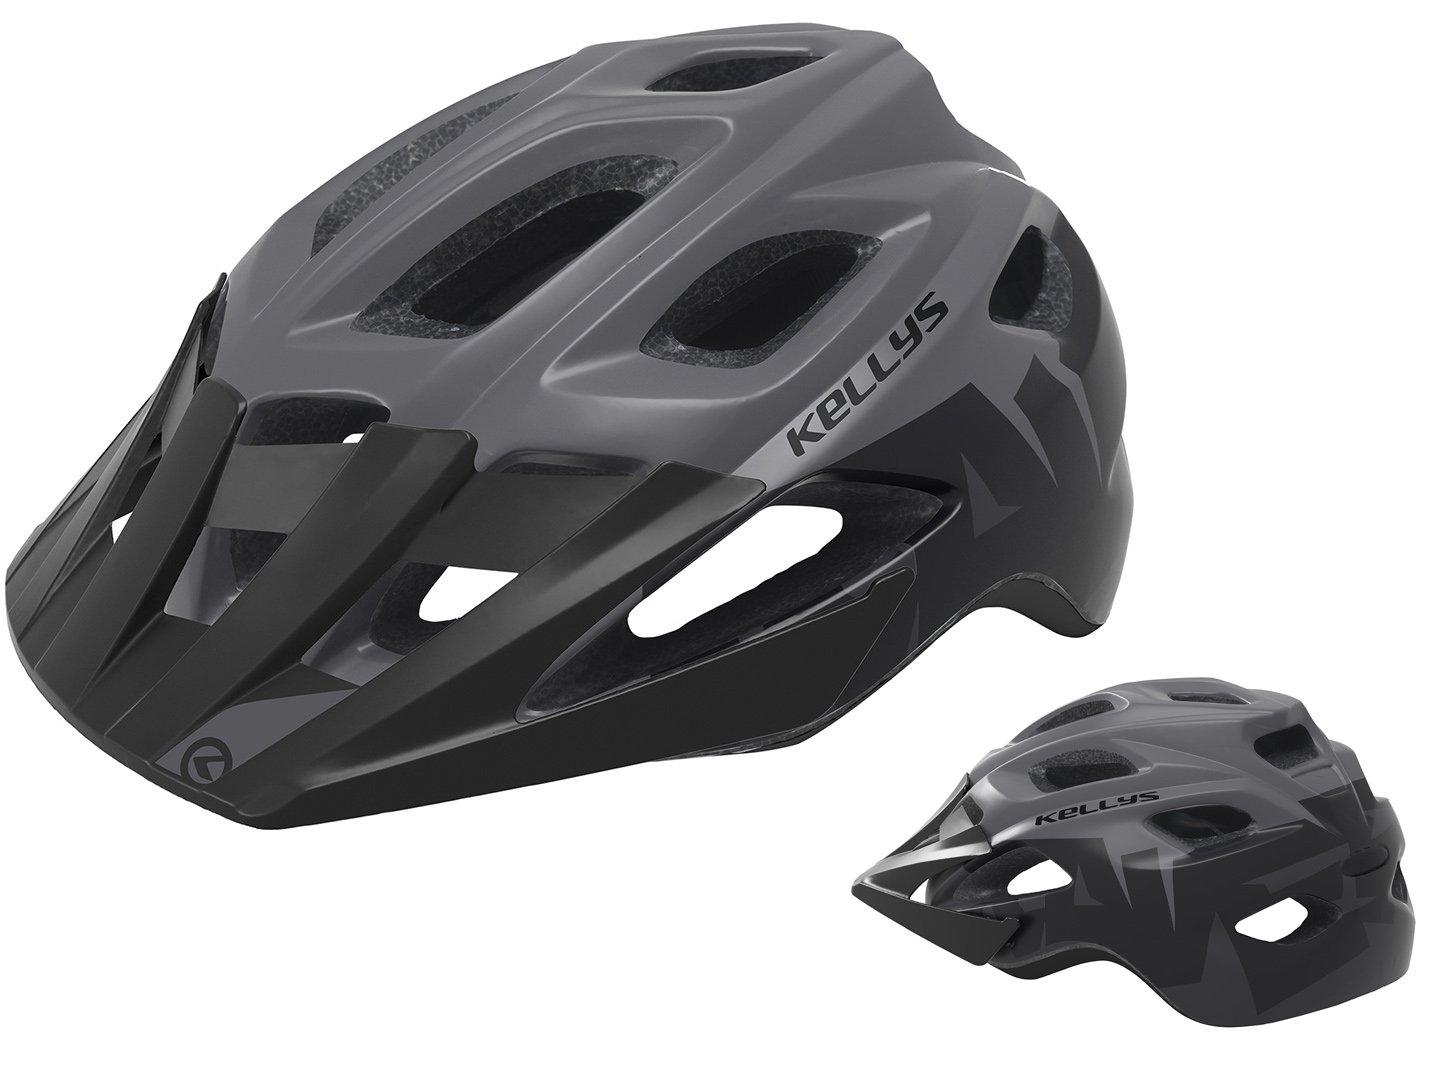 Шлем велосипедный KELLYS RAVE для MTB, матовый чёрный (Размер: S/M (55-61см))